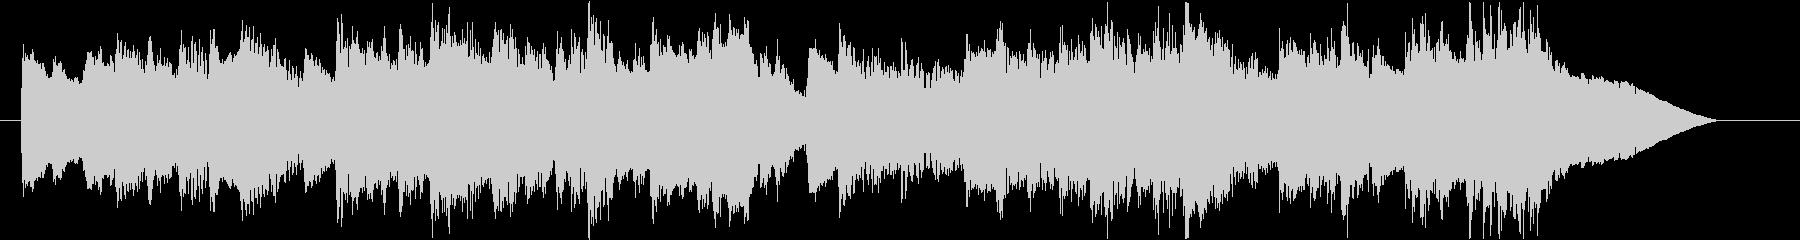 優雅なチェンバロのバロック風ジングル2の未再生の波形